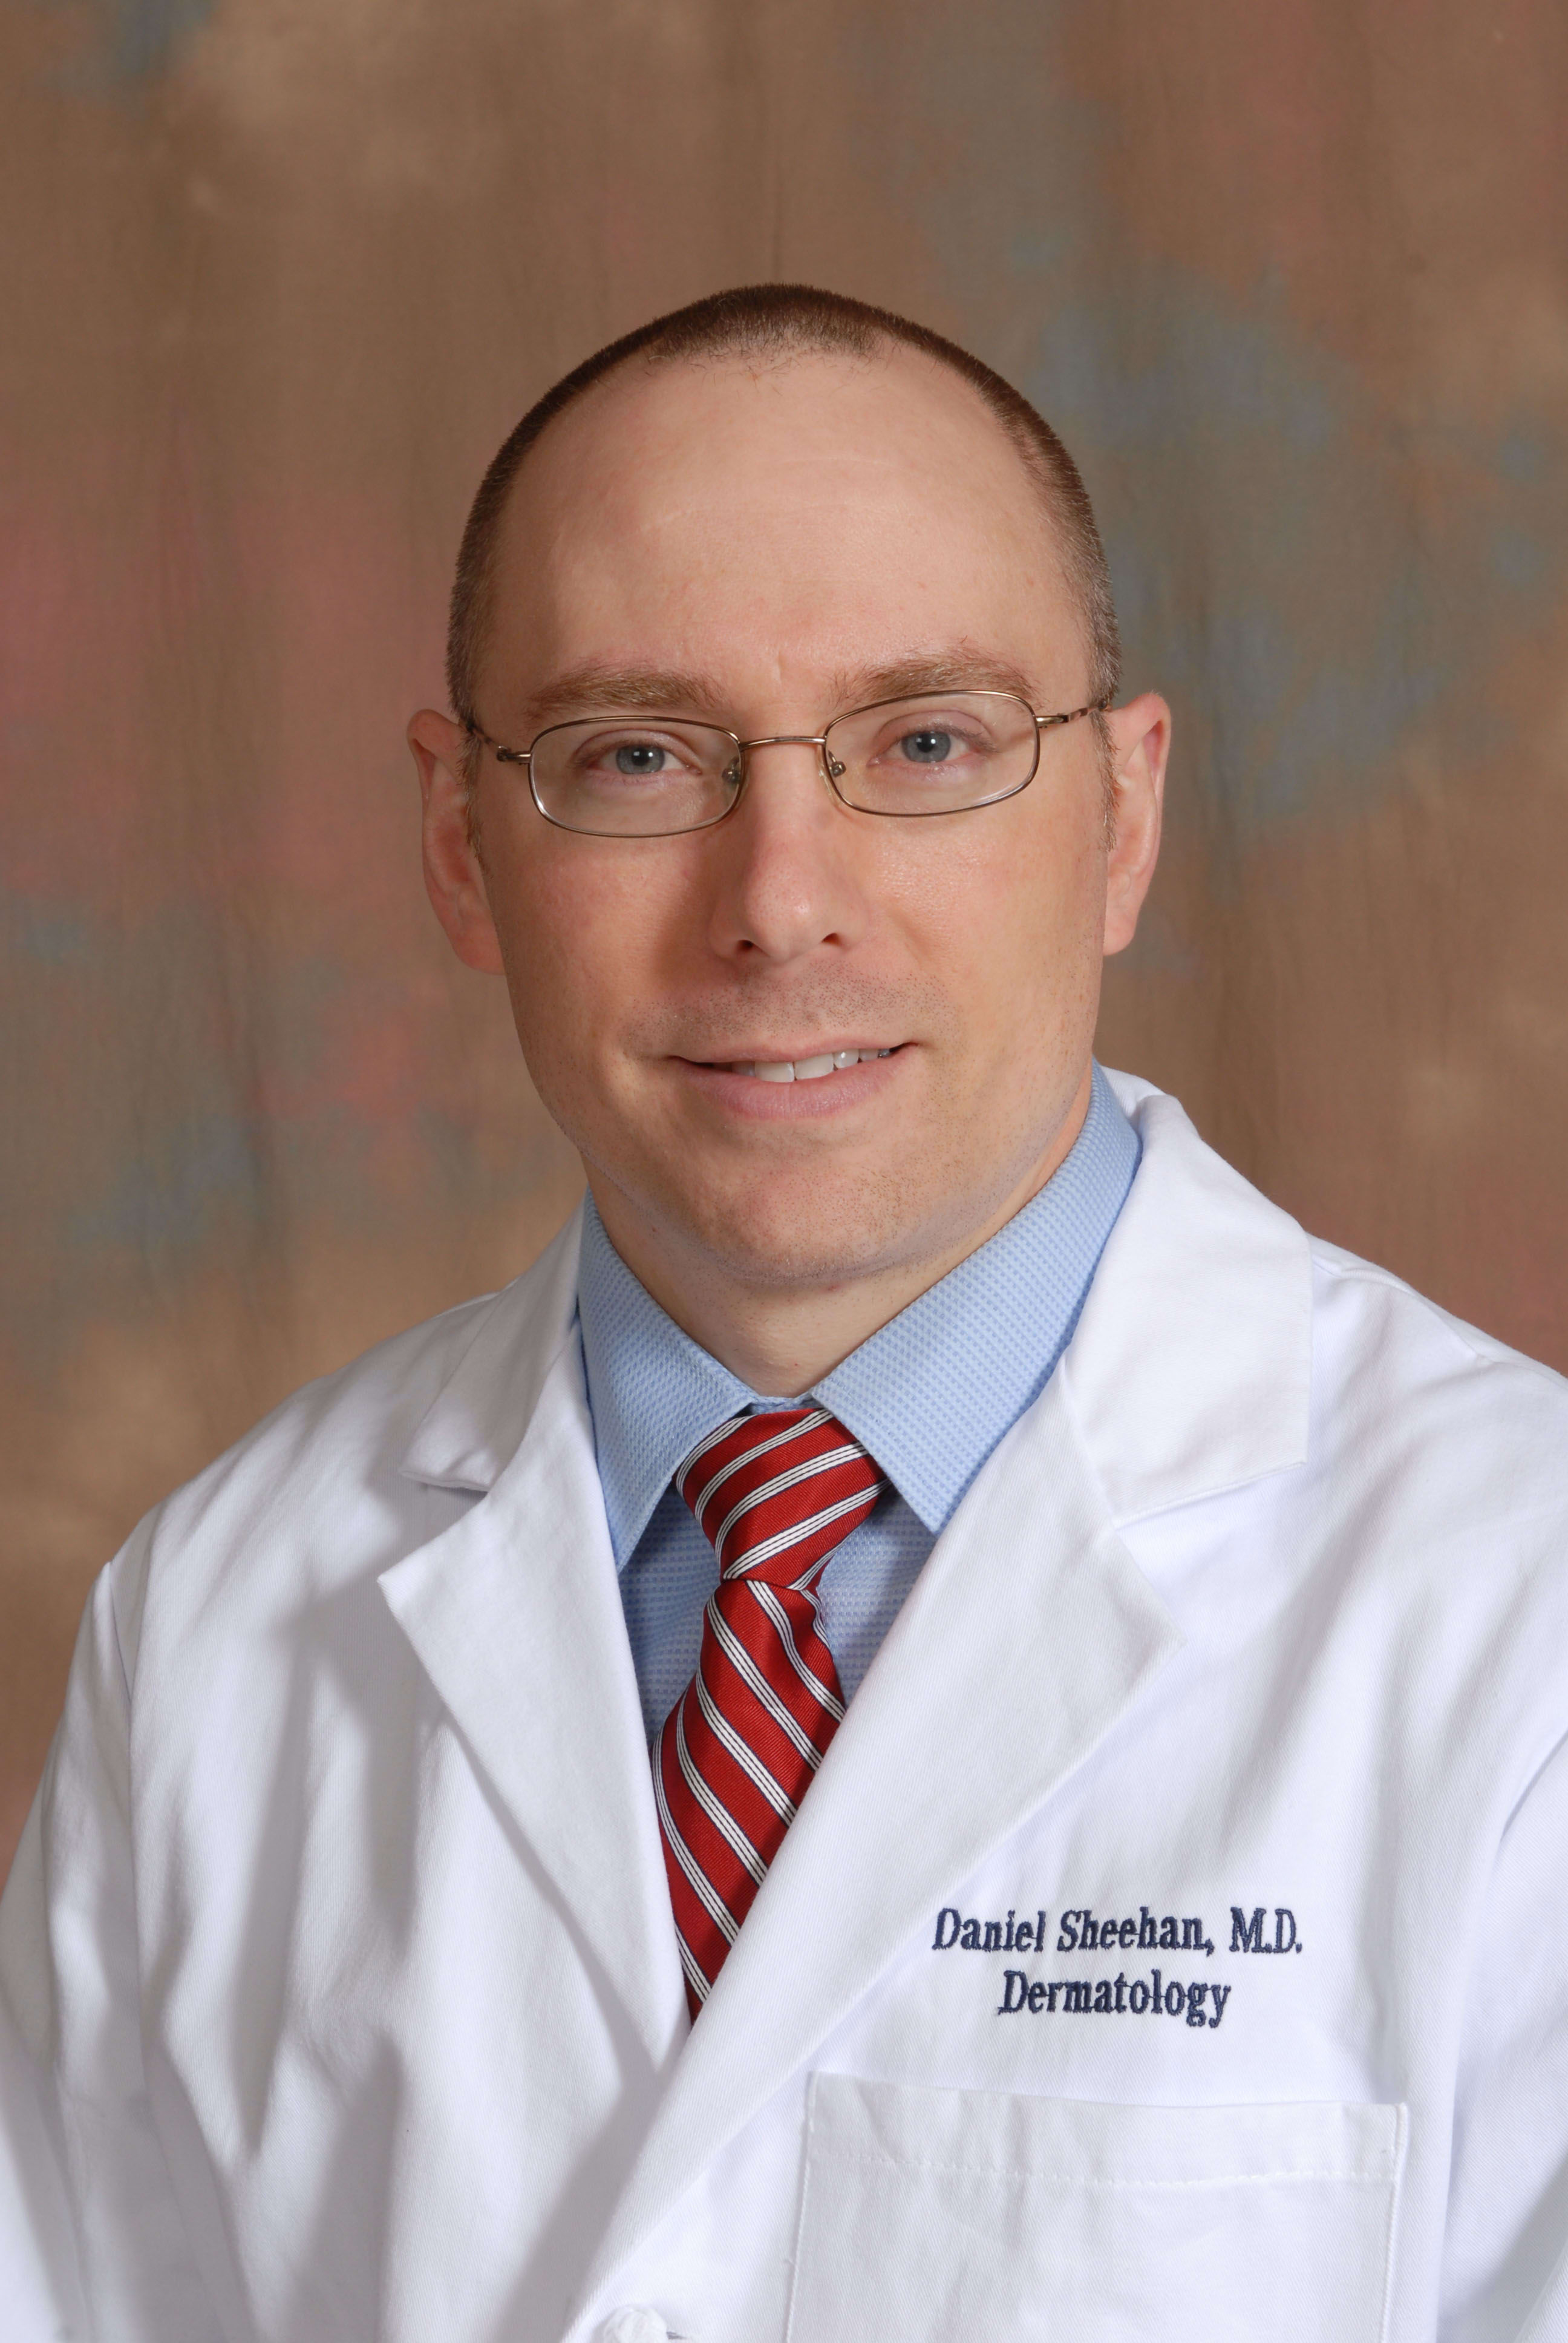 Dr. Daniel J Sheehan MD